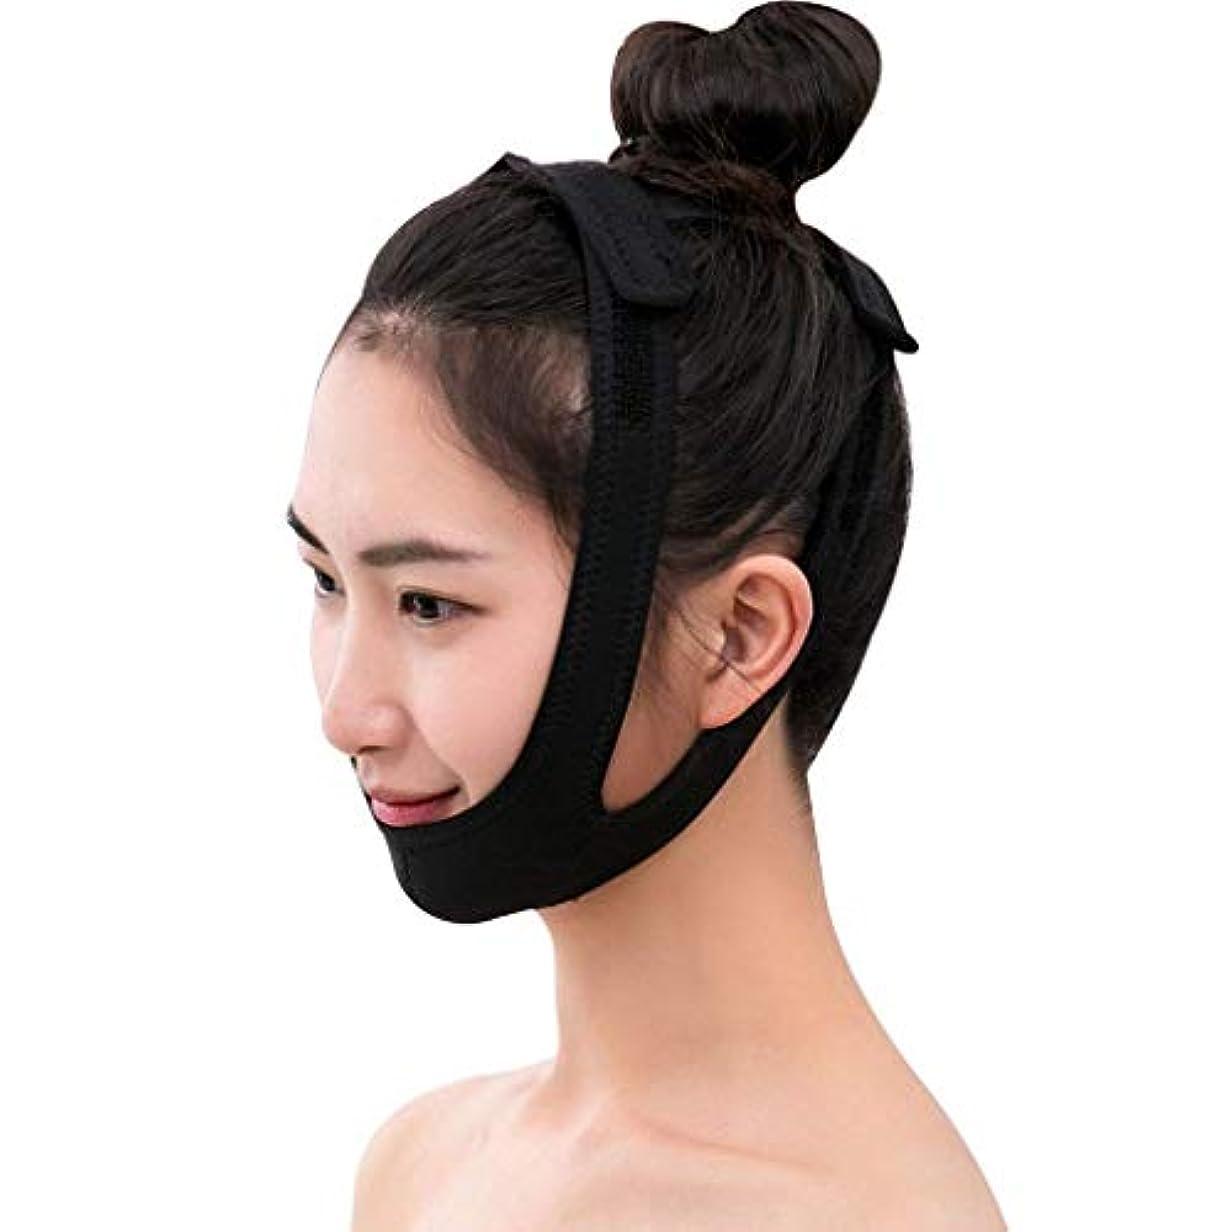 リル干渉奇跡的なフェイススリミングマスク、フェイスリフティングバンデージ-Vシェイプフェイスマスク-シェイピングアンドリフティング-ダブルチンストラップ-ビューティーネックマスクフェイスリフトアップ-リデュースダブルチンバンデージ-顔補正ベルト